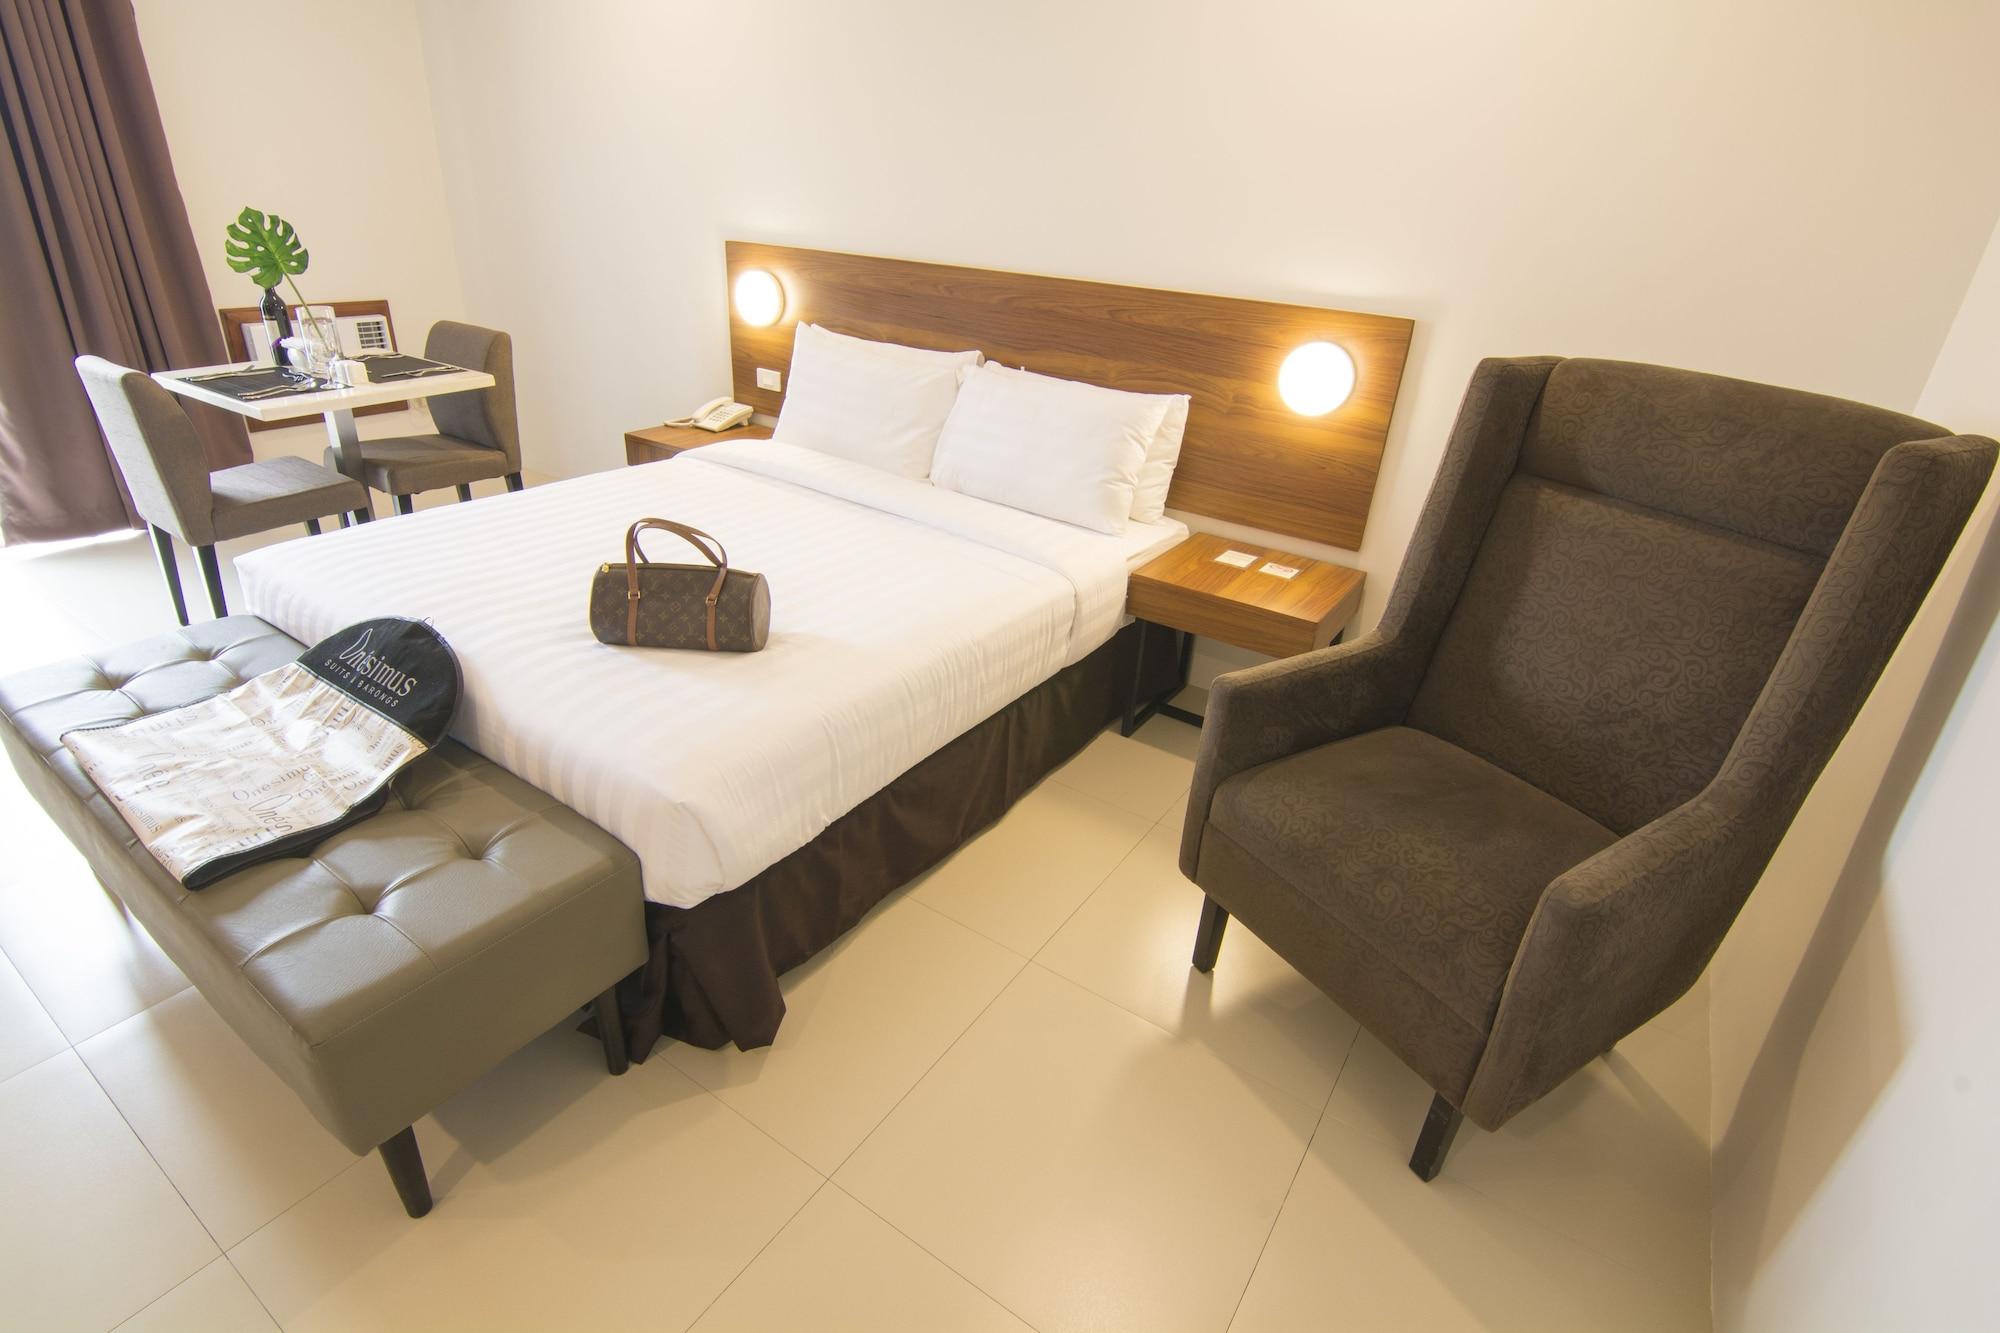 Mango Suites Cauayan, Cauayan City